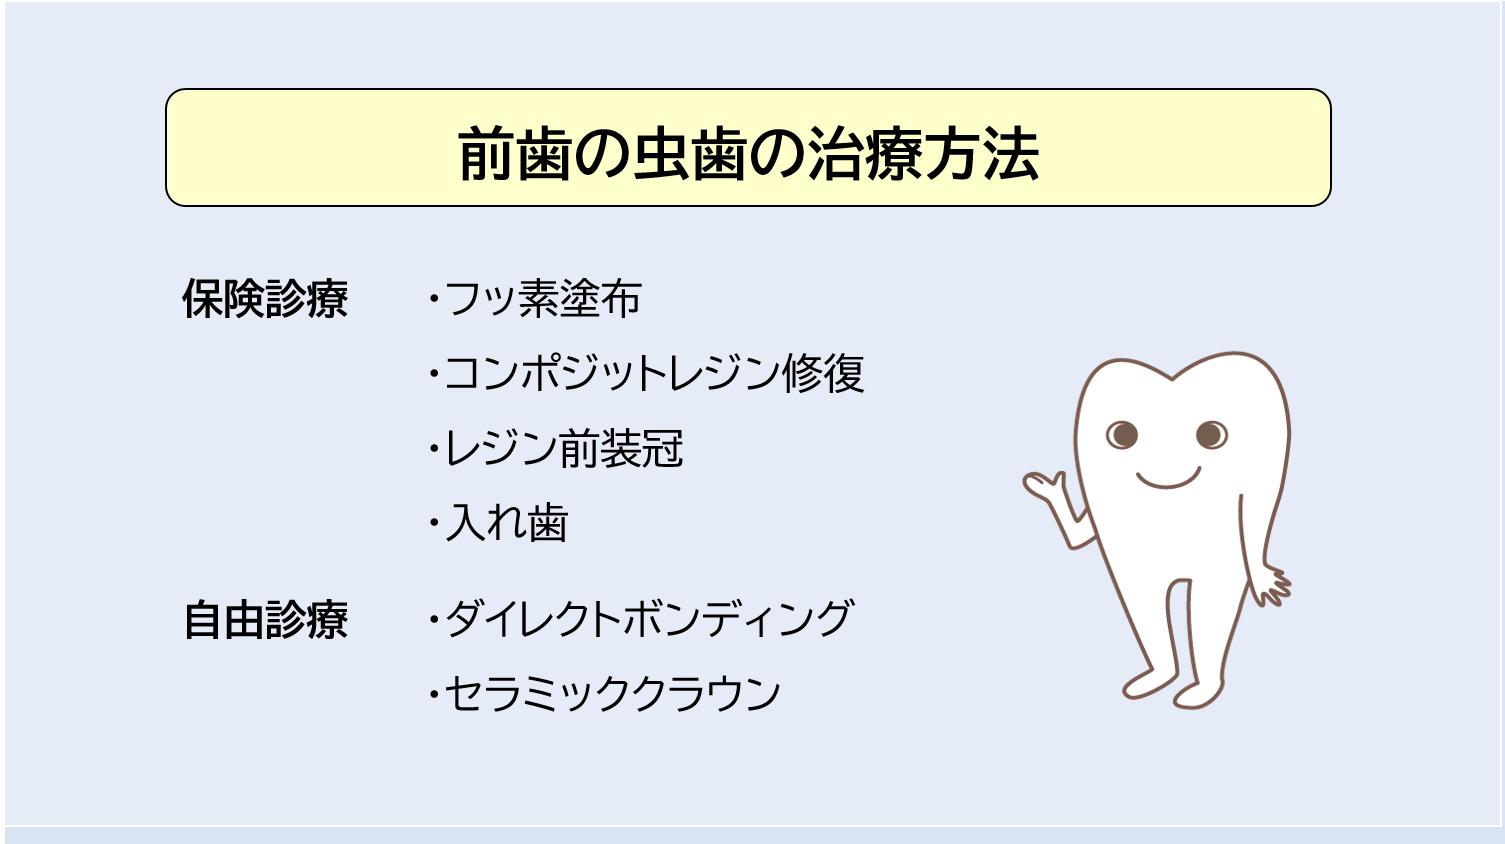 前歯の虫歯の治療方法